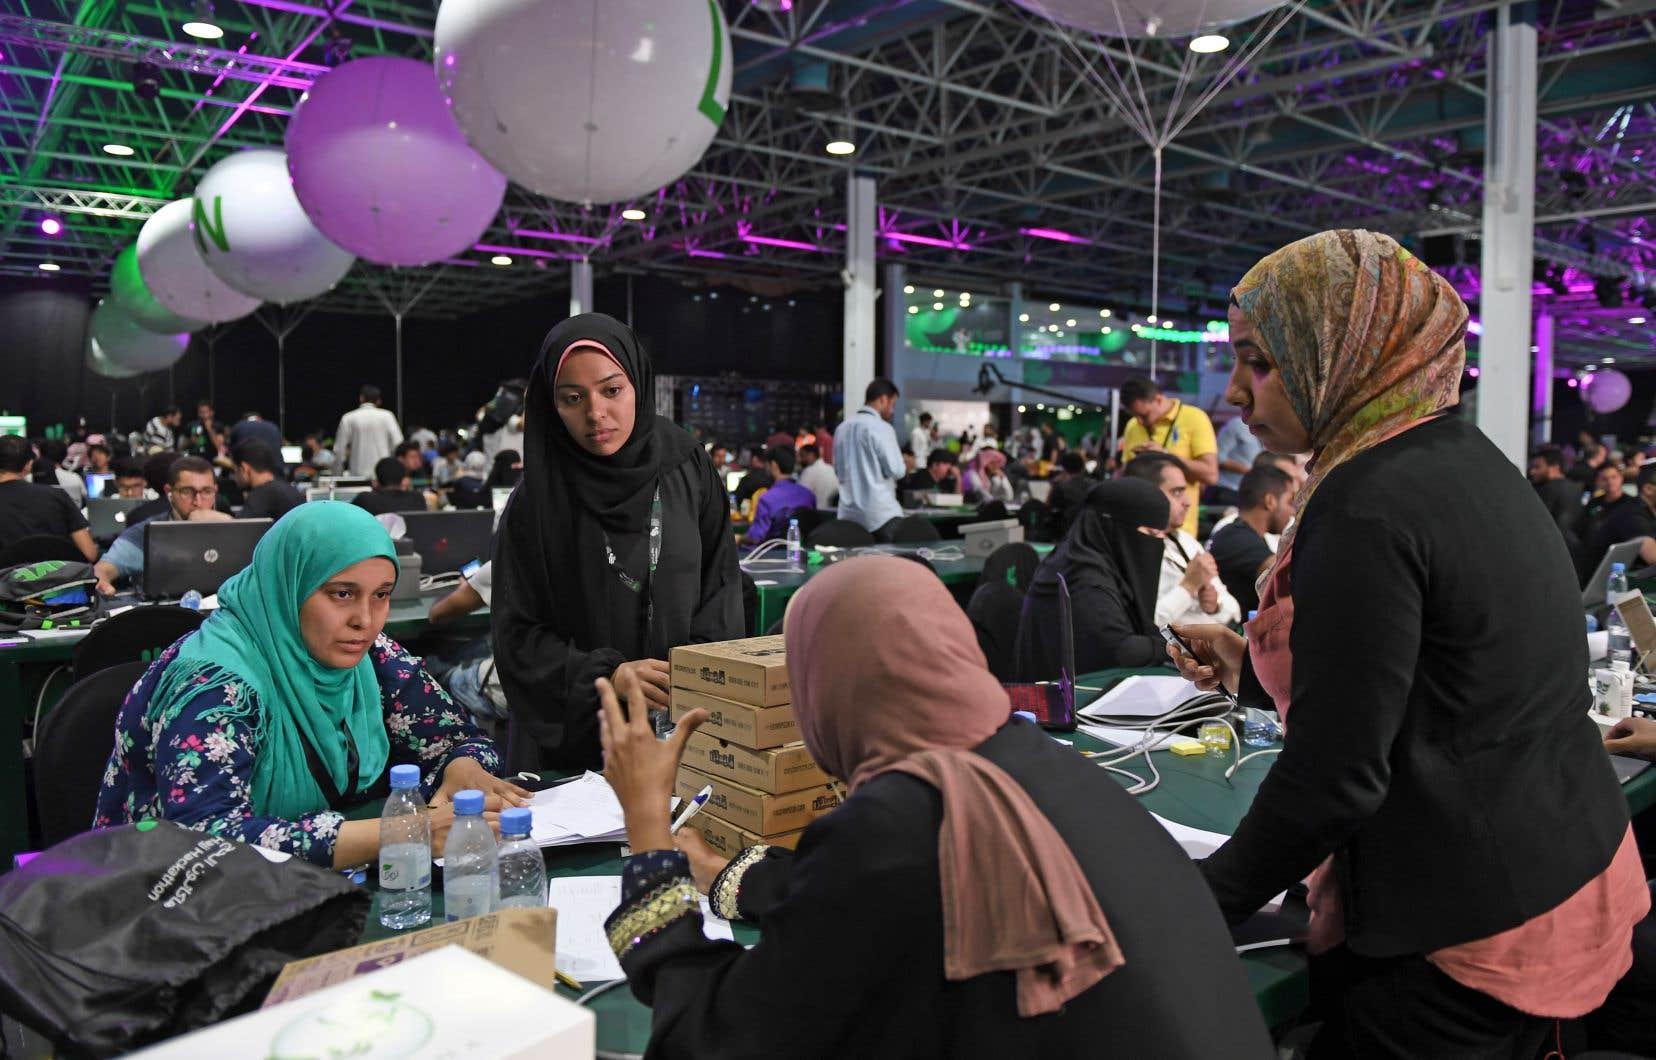 Près de 3000 programmeurs, dont des femmes, trouvent des façons de rendre le pèlerinage de La Mecque plus sécuritaire. En 2015, quelque 2300 fidèles y ont perdu la vie.